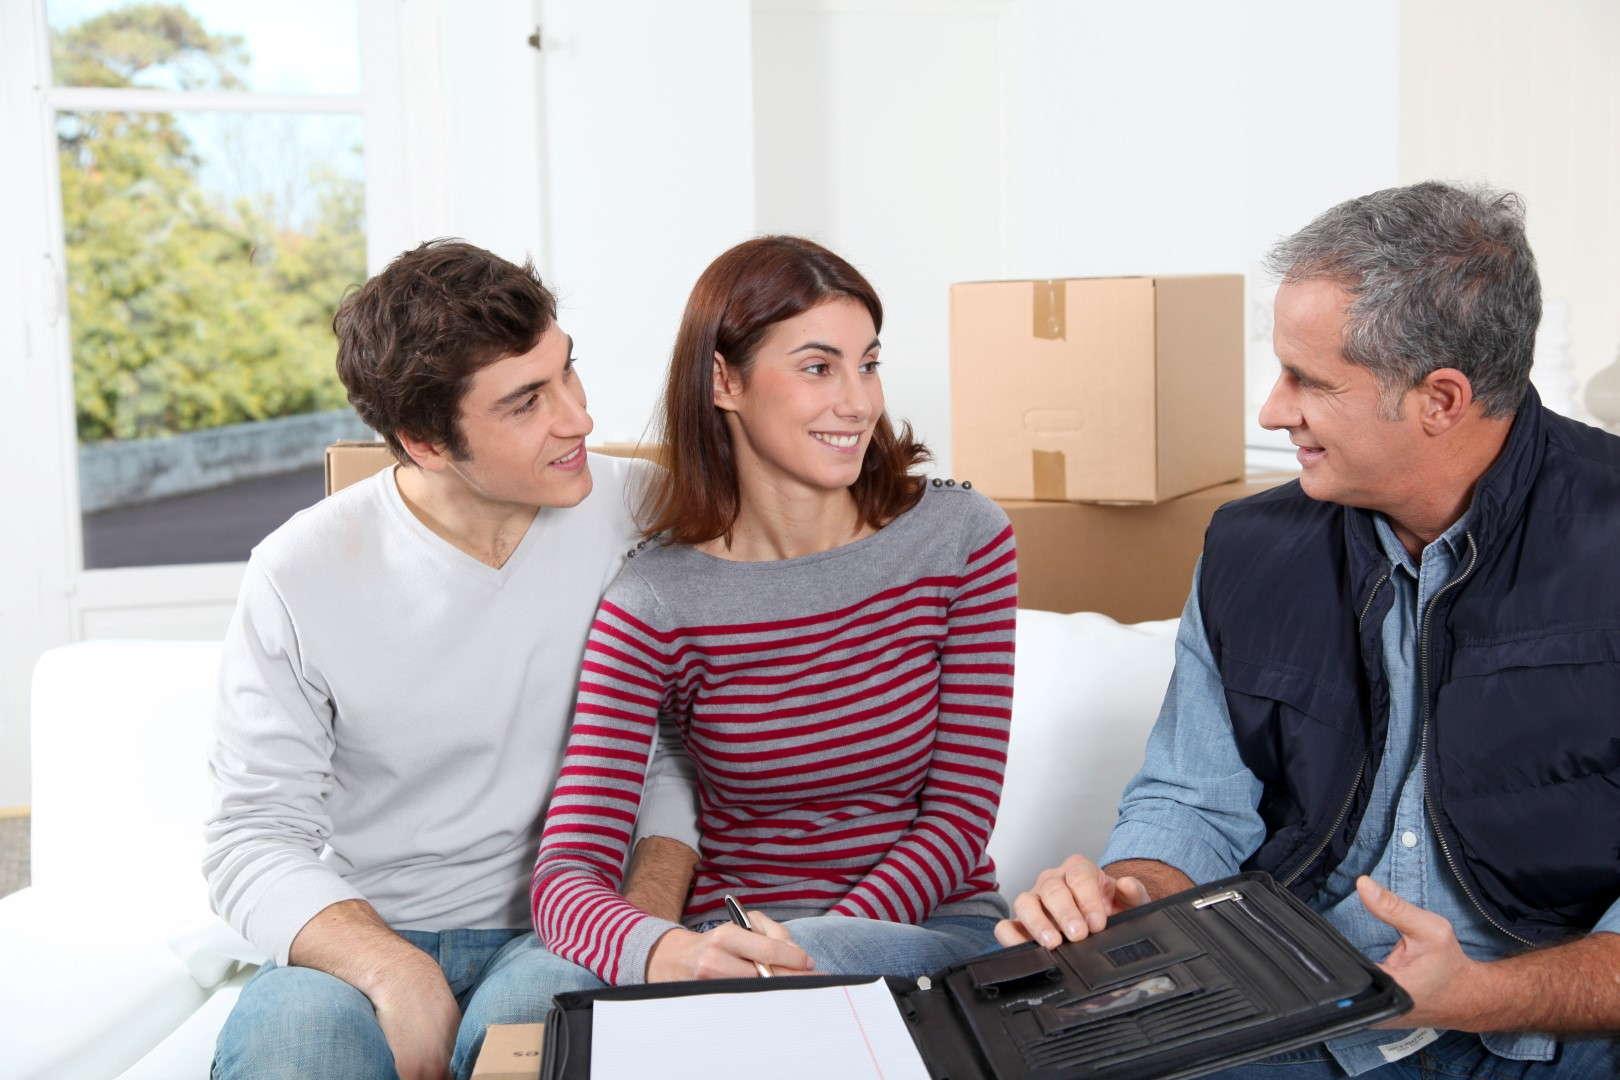 Seguros de alquiler de viviendas y locales. Tres personas firman un contrato de arrendamiento